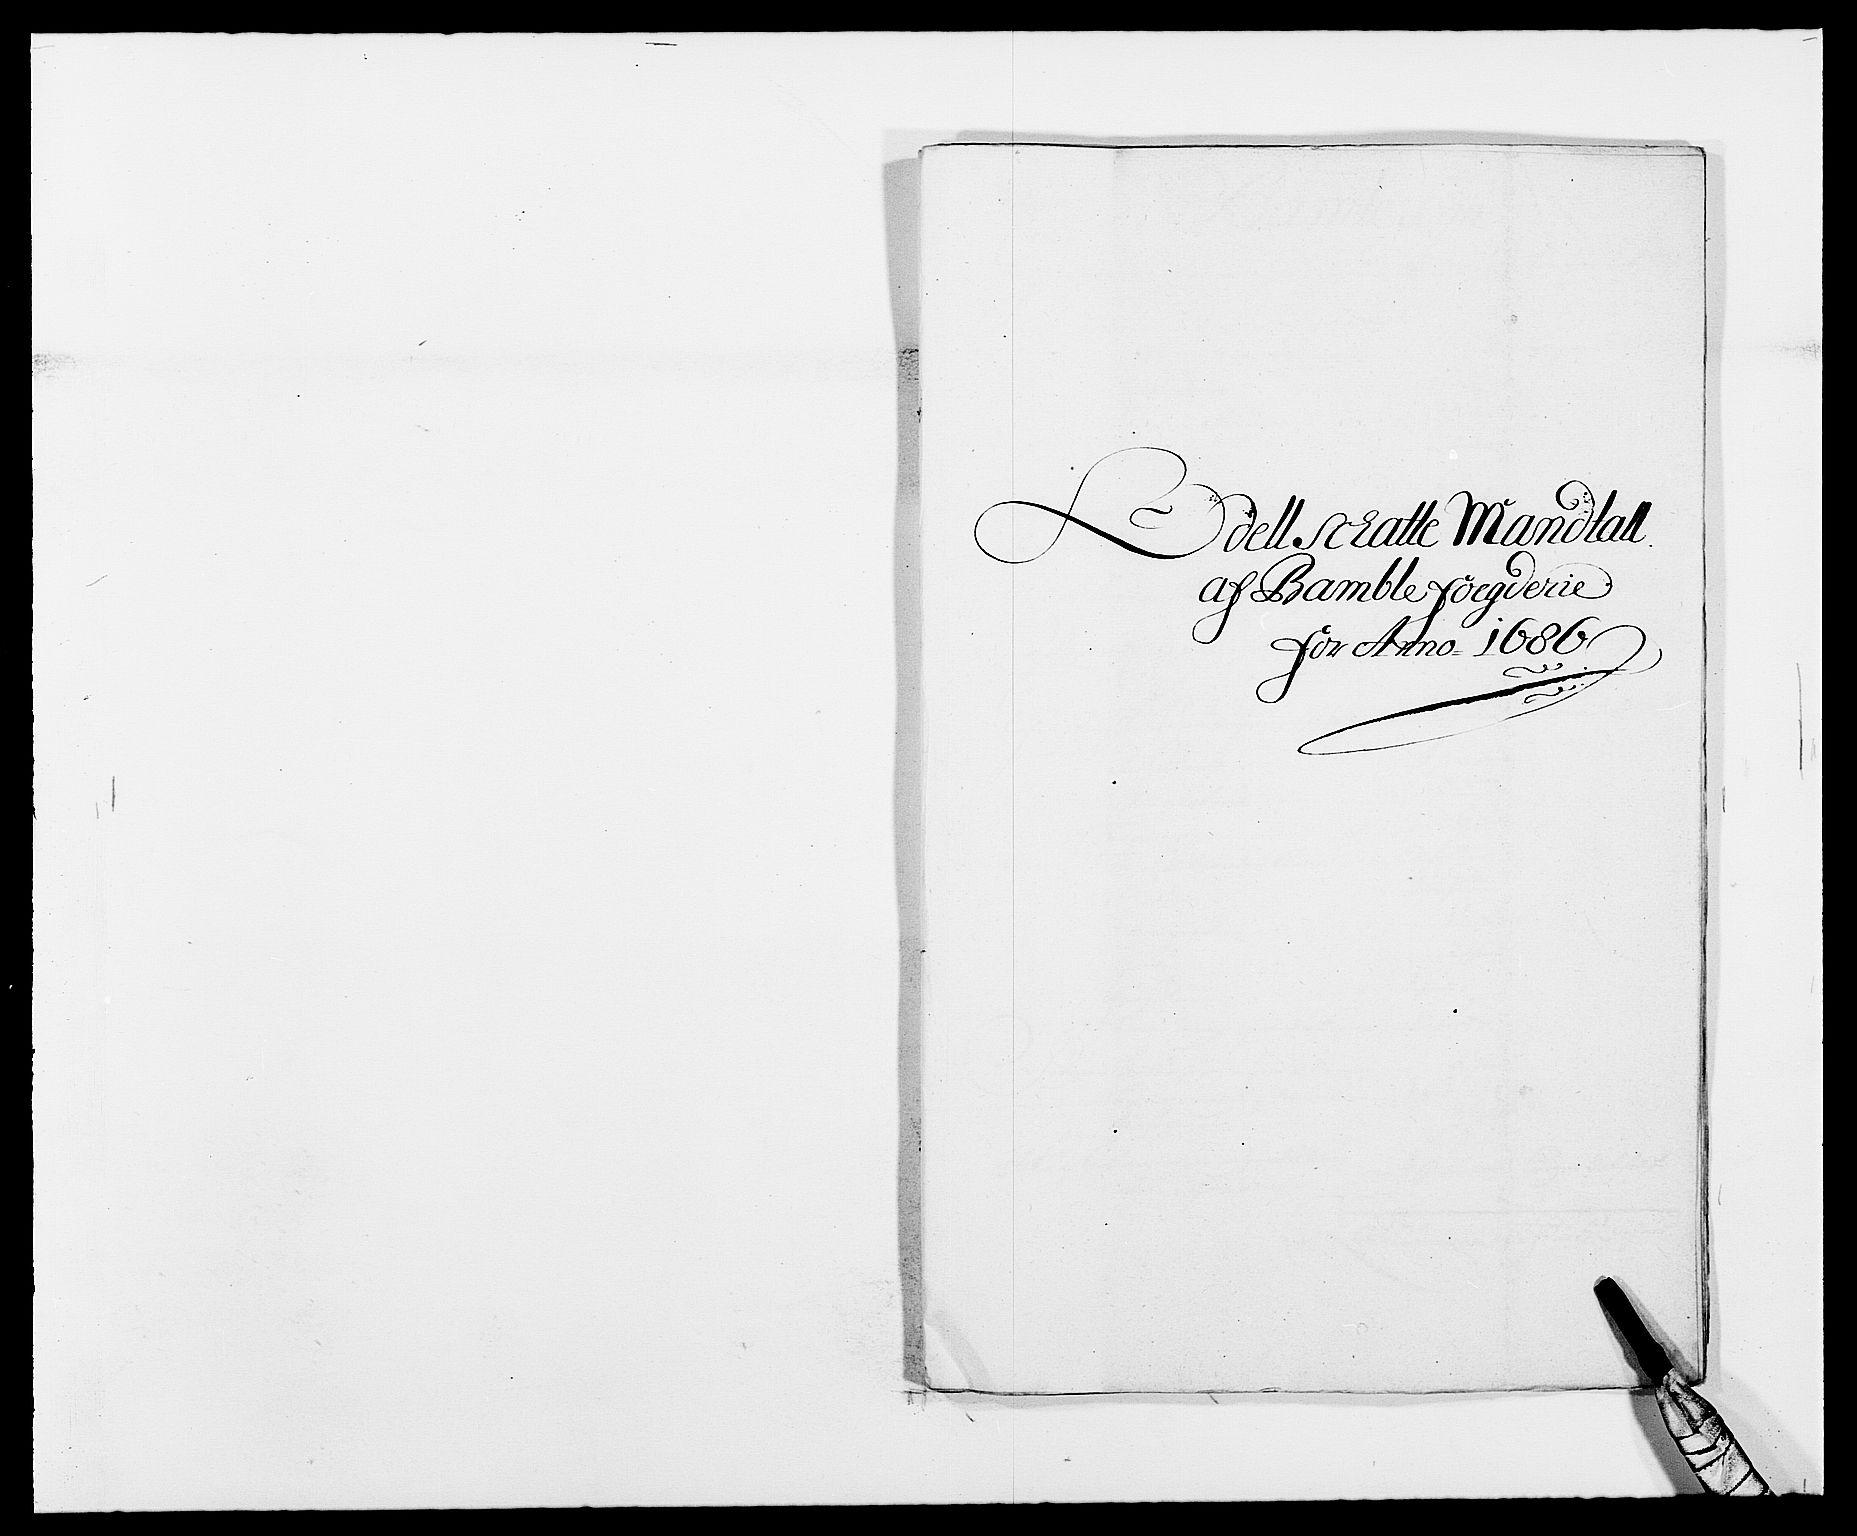 RA, Rentekammeret inntil 1814, Reviderte regnskaper, Fogderegnskap, R34/L2049: Fogderegnskap Bamble, 1685-1687, s. 64